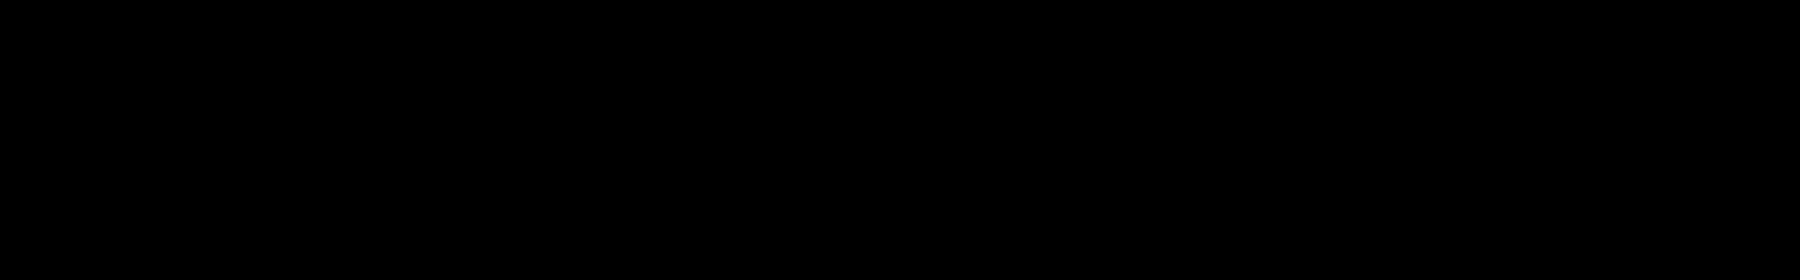 L Plus - Technique Essential audio waveform